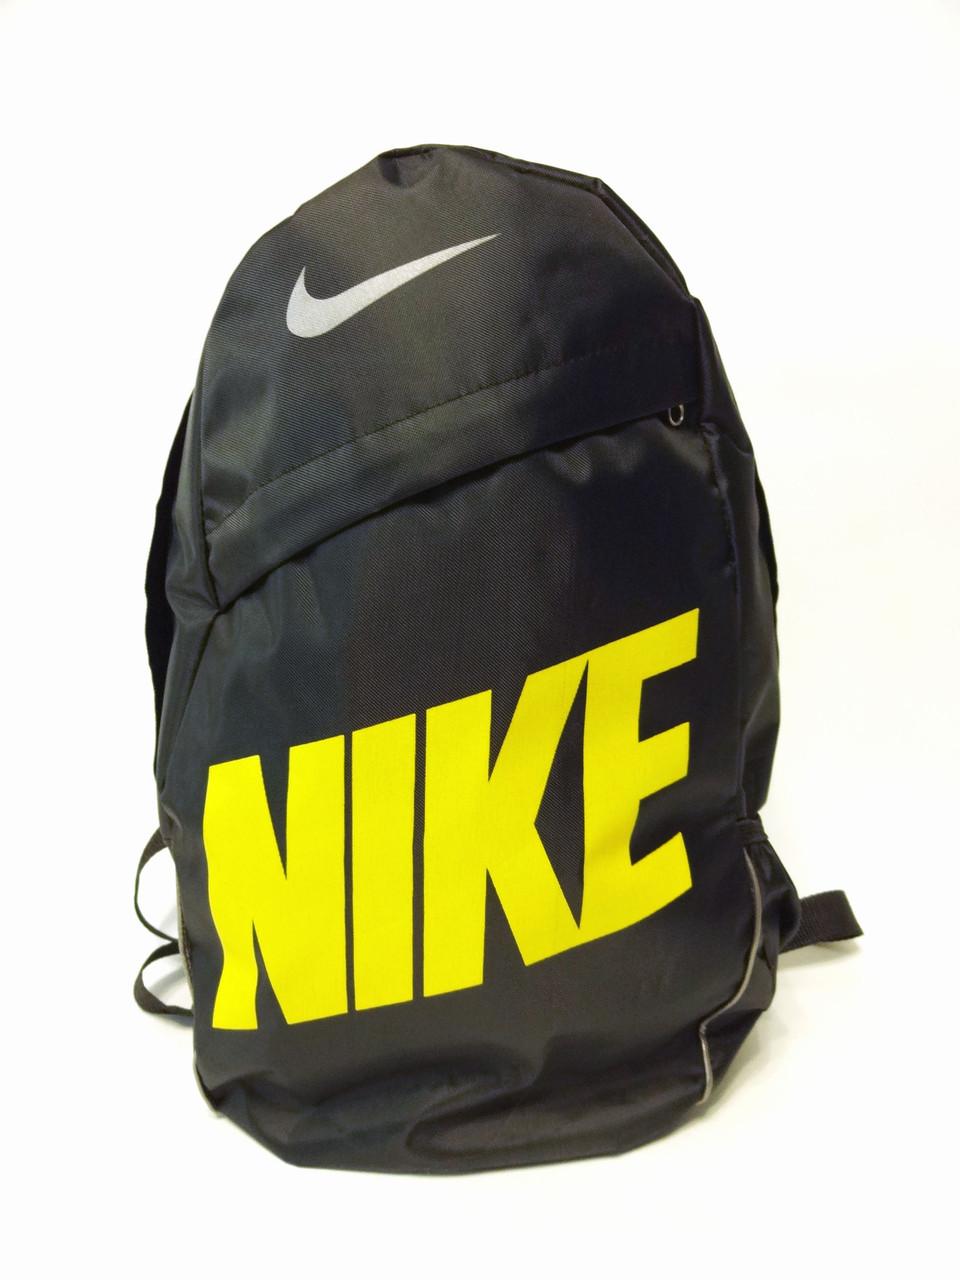 Спортивний рюкзак портфель Nike (Найк) молодіжний. Чорний з жовтим принтом репліка